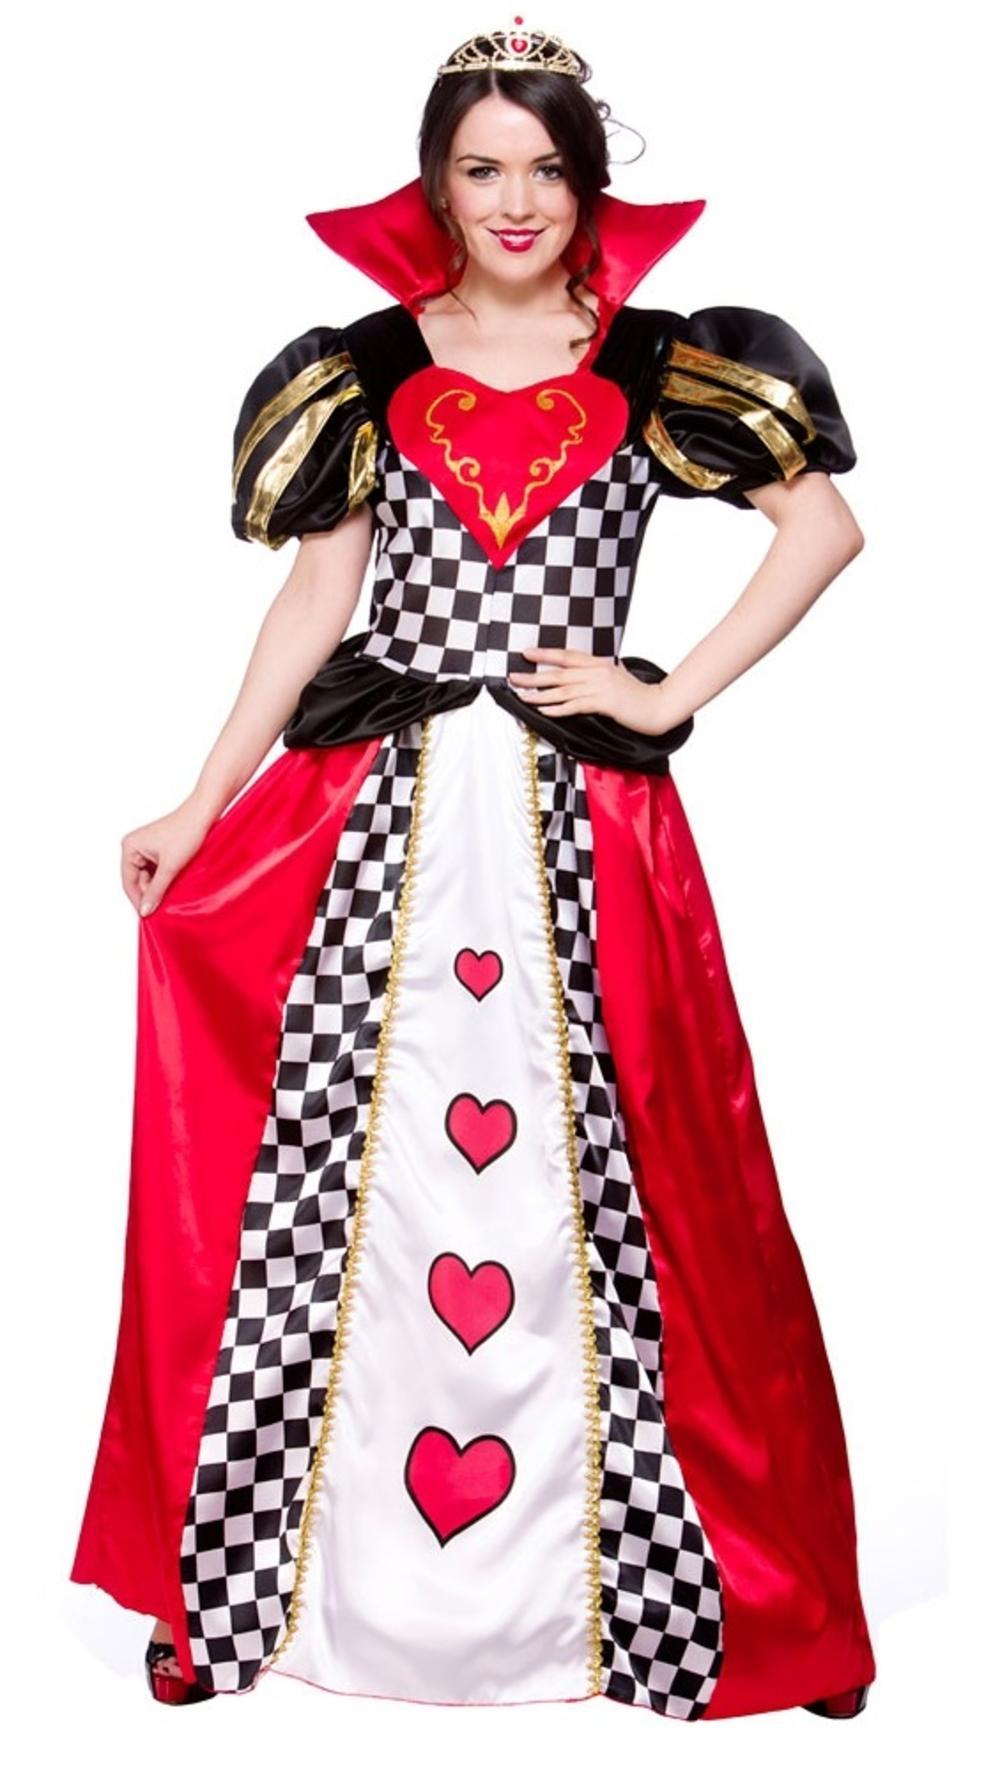 Queen of Hearts Fancy Dress Fairytale Ladies Alice in Wonderland Book Costume